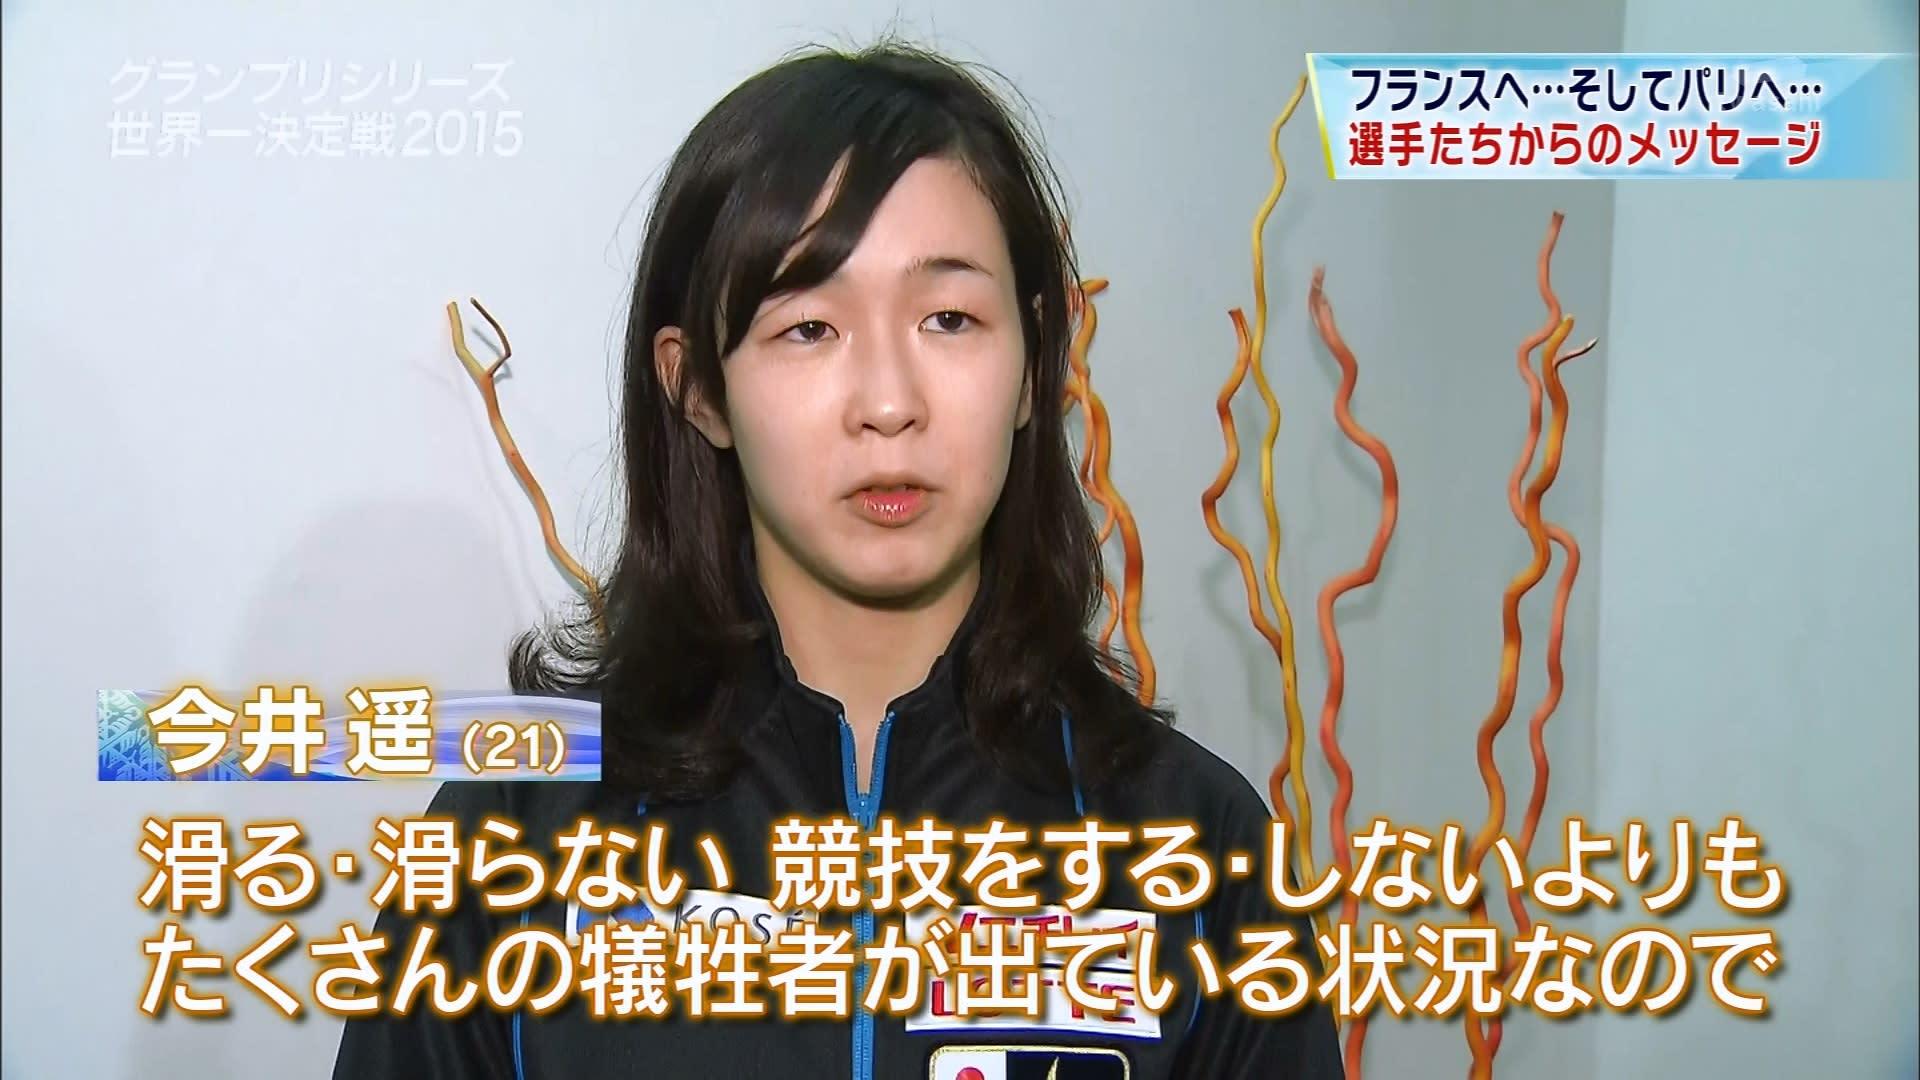 ジュニアアイドル 顔 http://blogimg.goo.ne.jp/user_image/4f/e3/42a258a50f110a333d2480cfb1cd194a.jpg